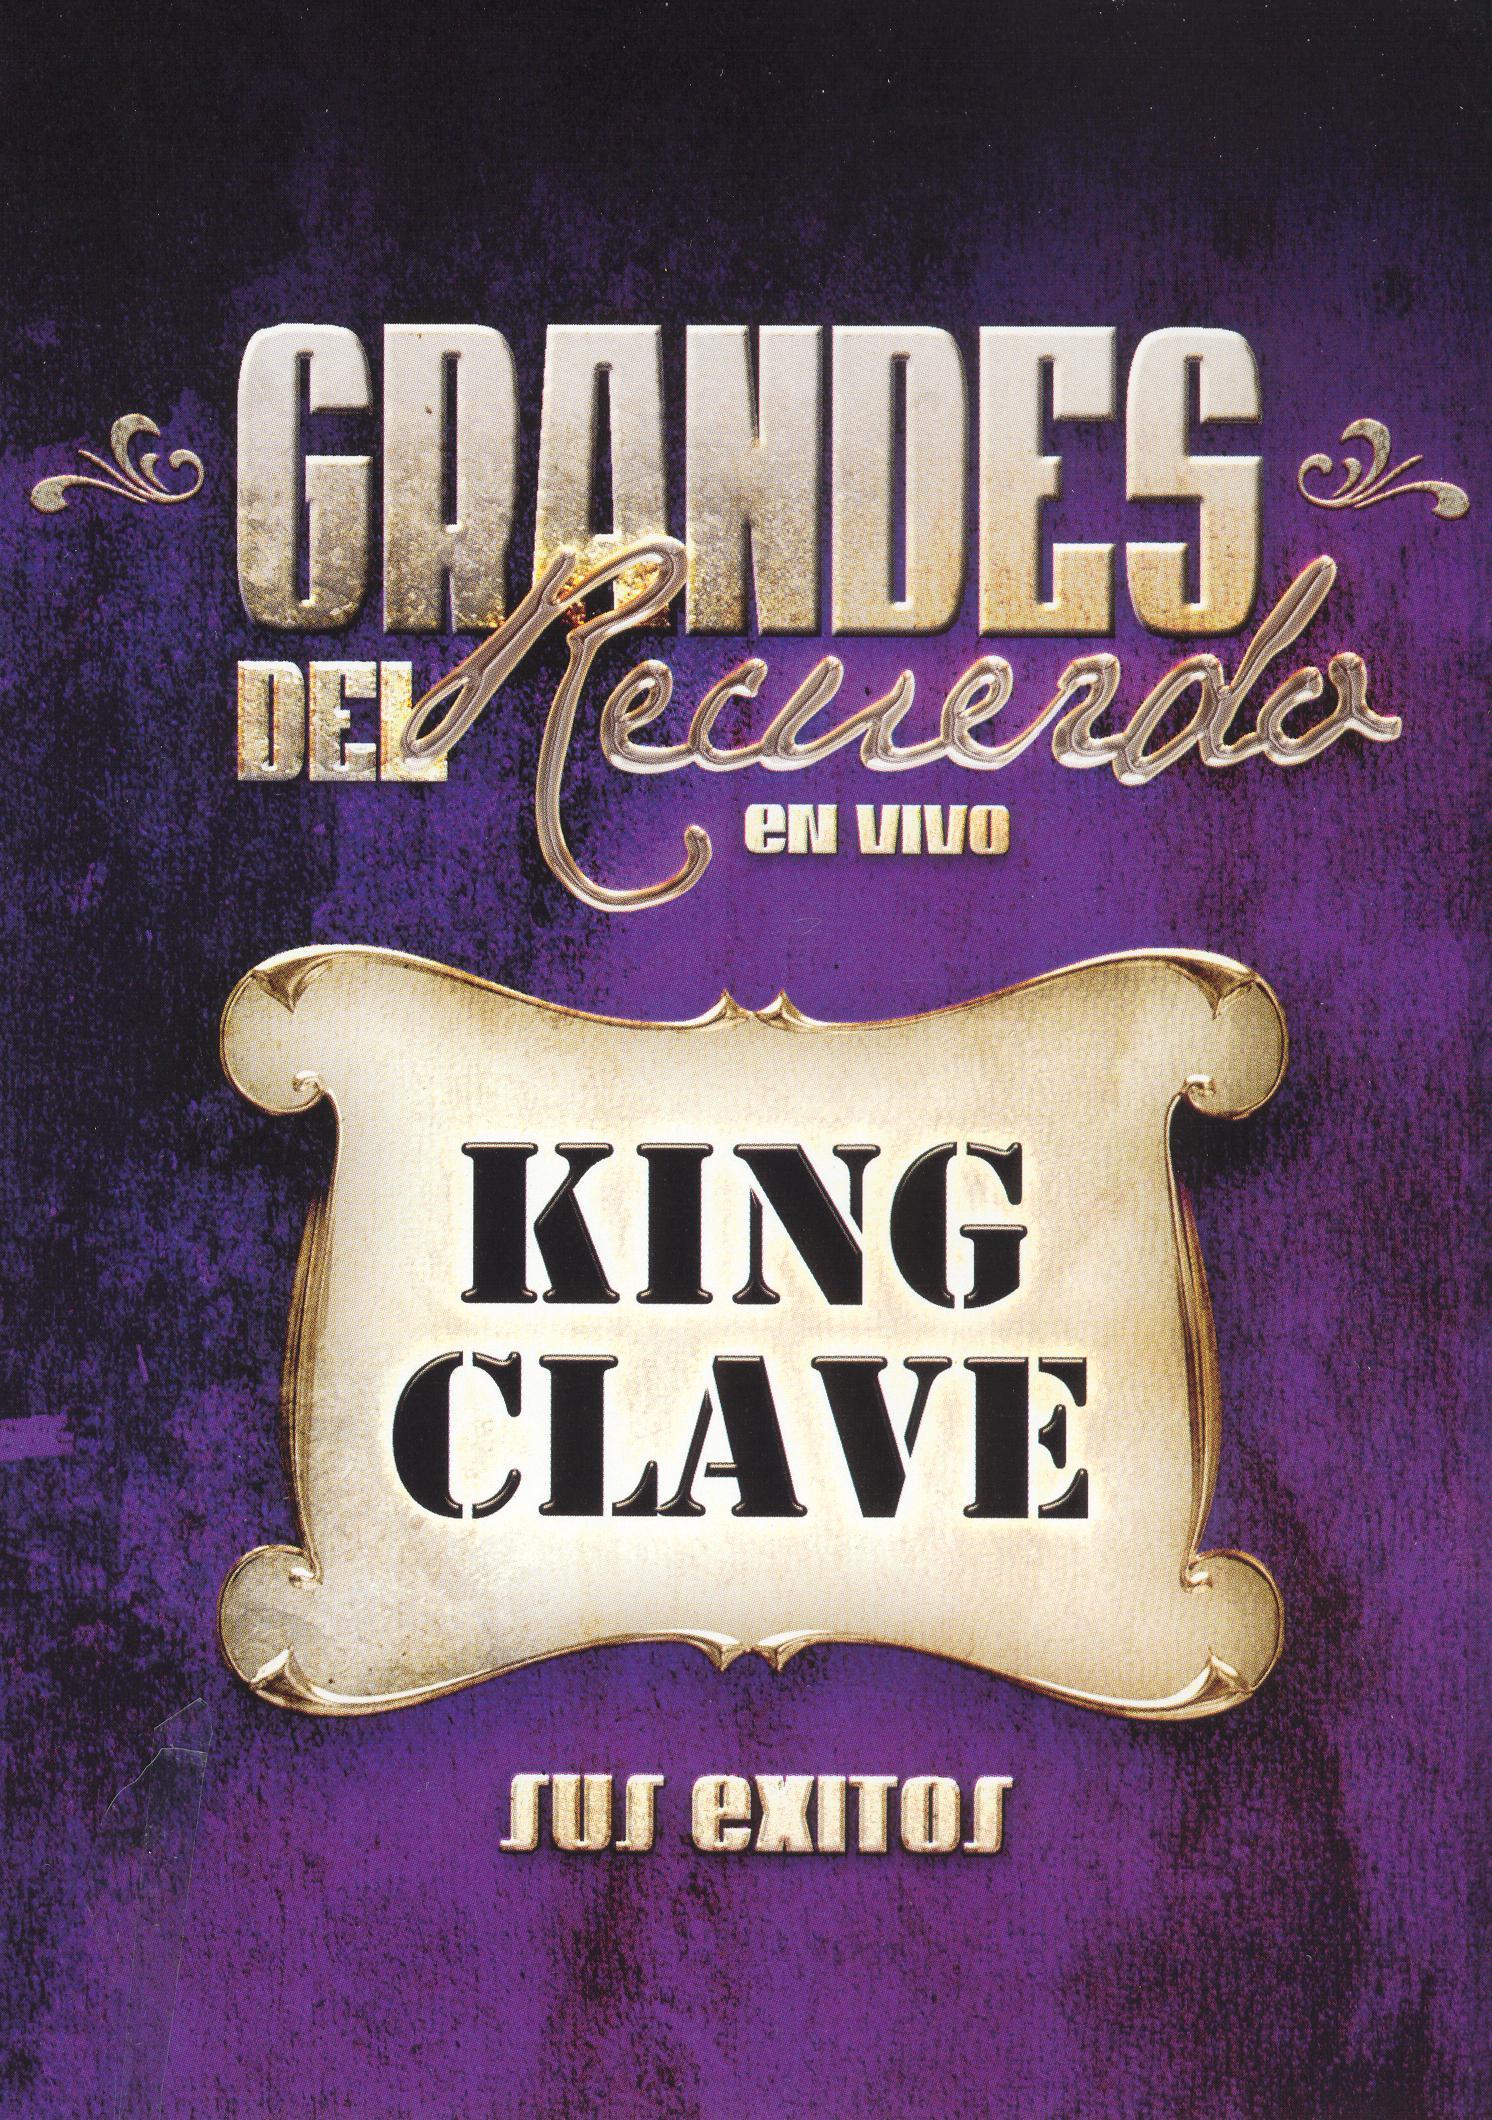 King Clave: Grandes del Recuerdo